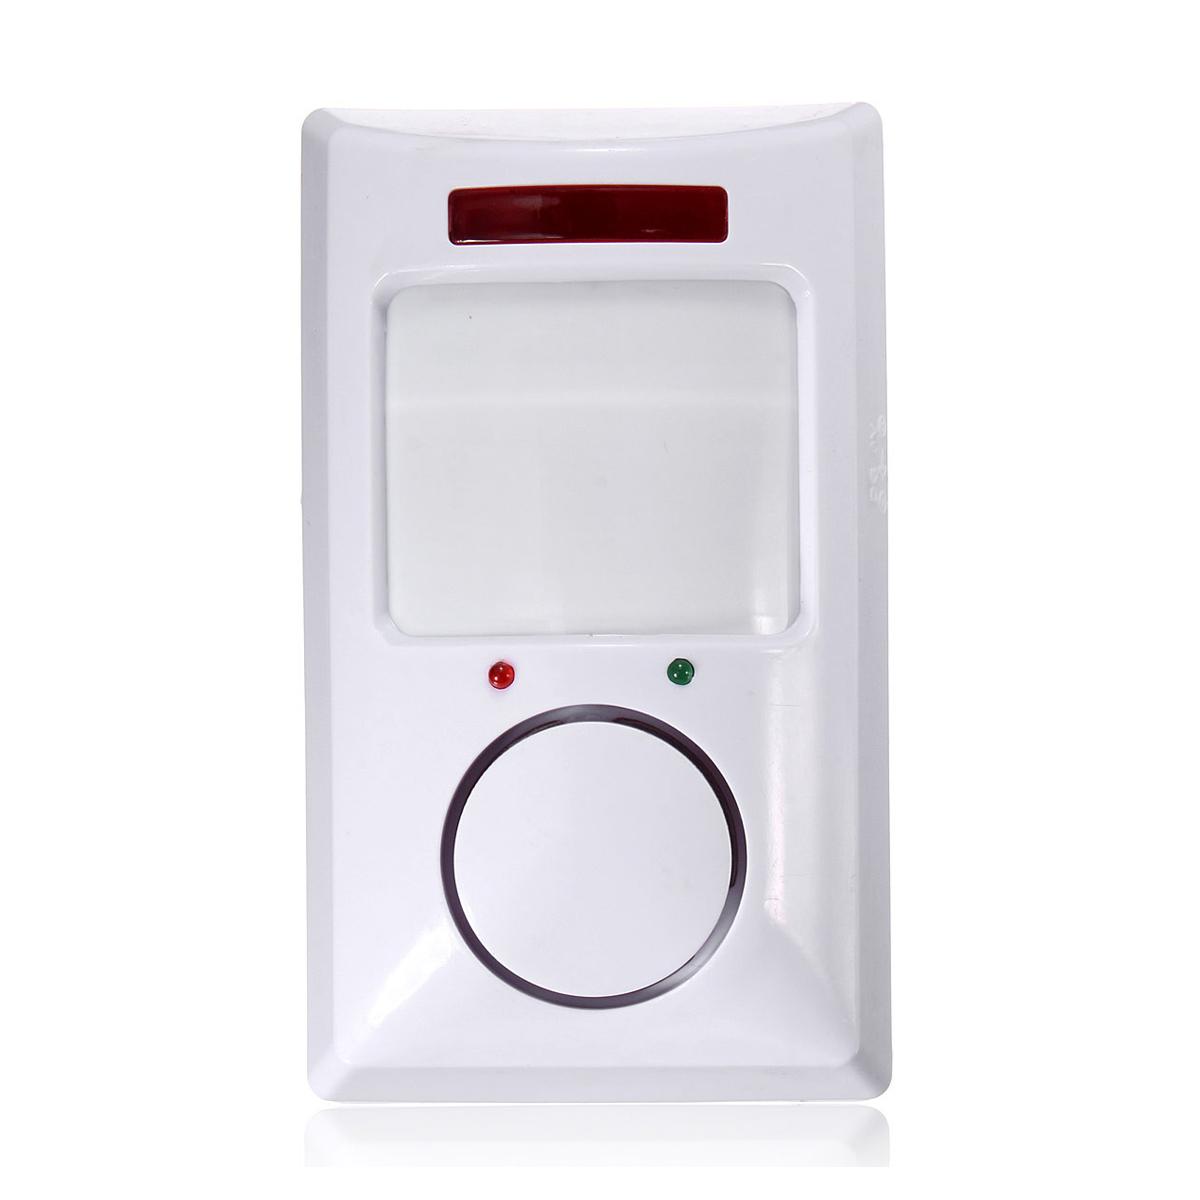 Remote Ir Sensor : Wireless ir motion sensor detector remote home